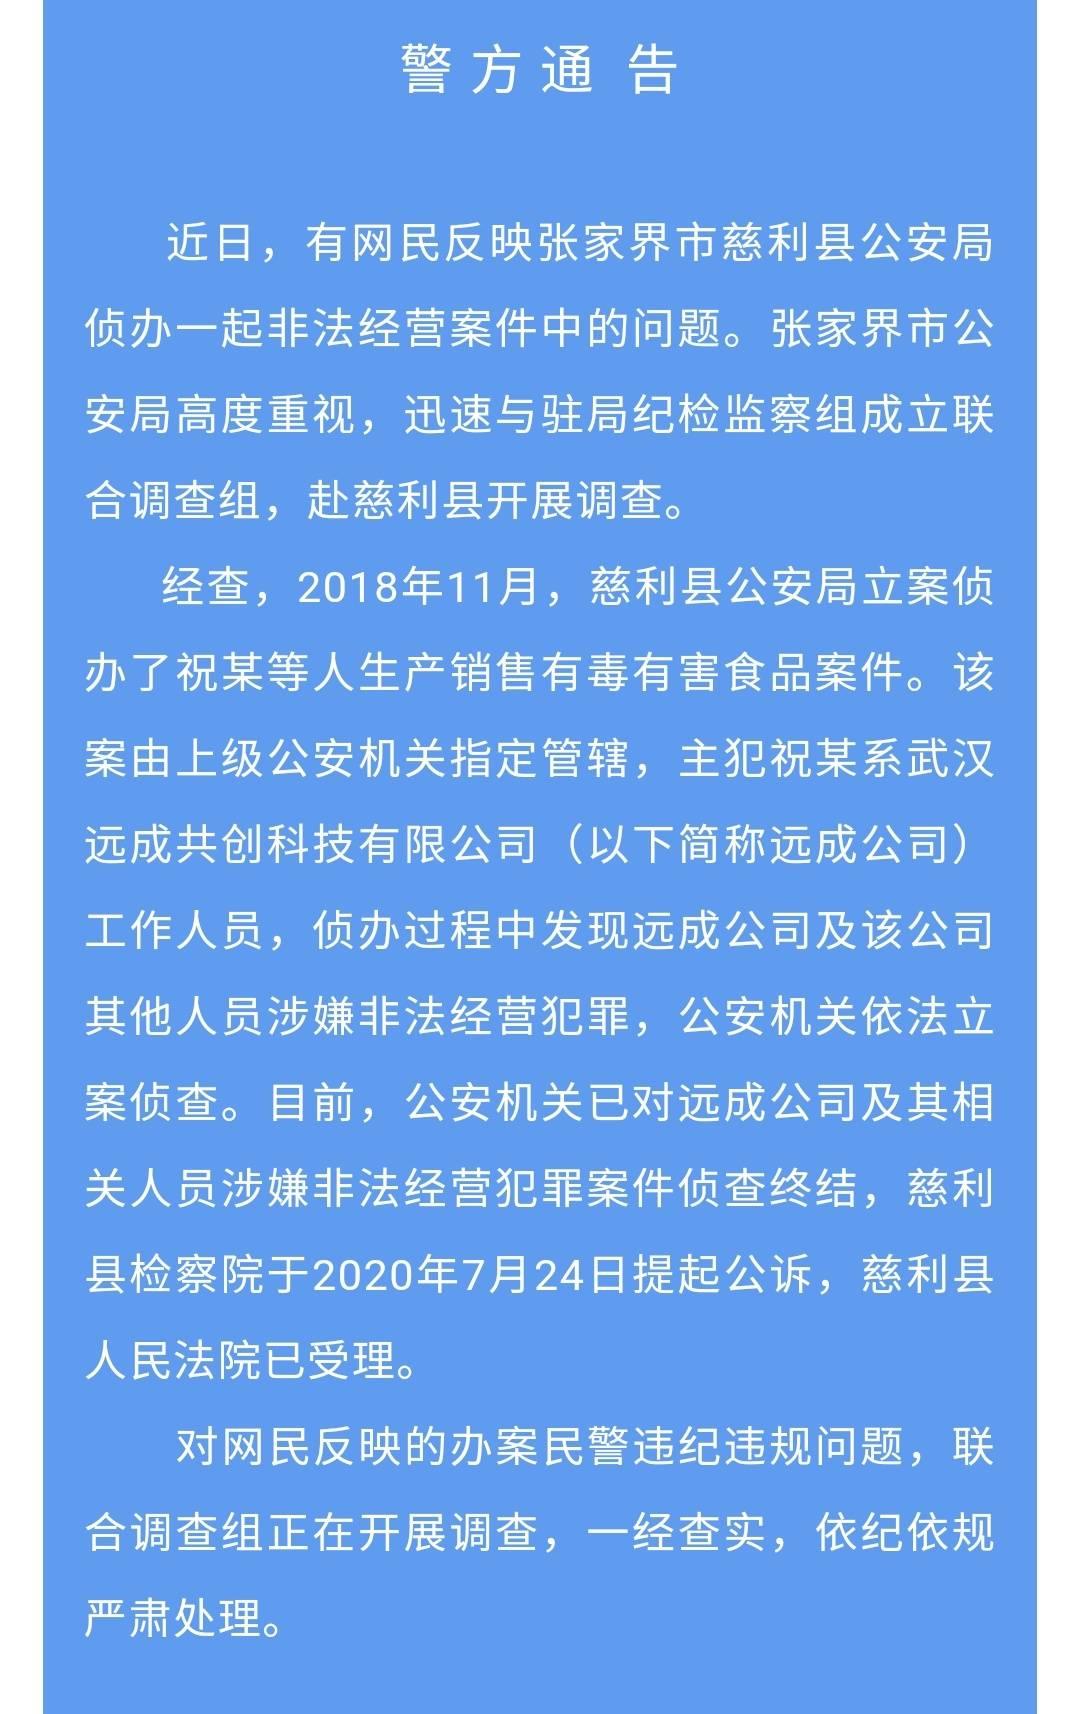 """恒达官网湖南一派出所前所长""""办案为搞钱""""录音曝光,多部门成立调查组 (图2)"""